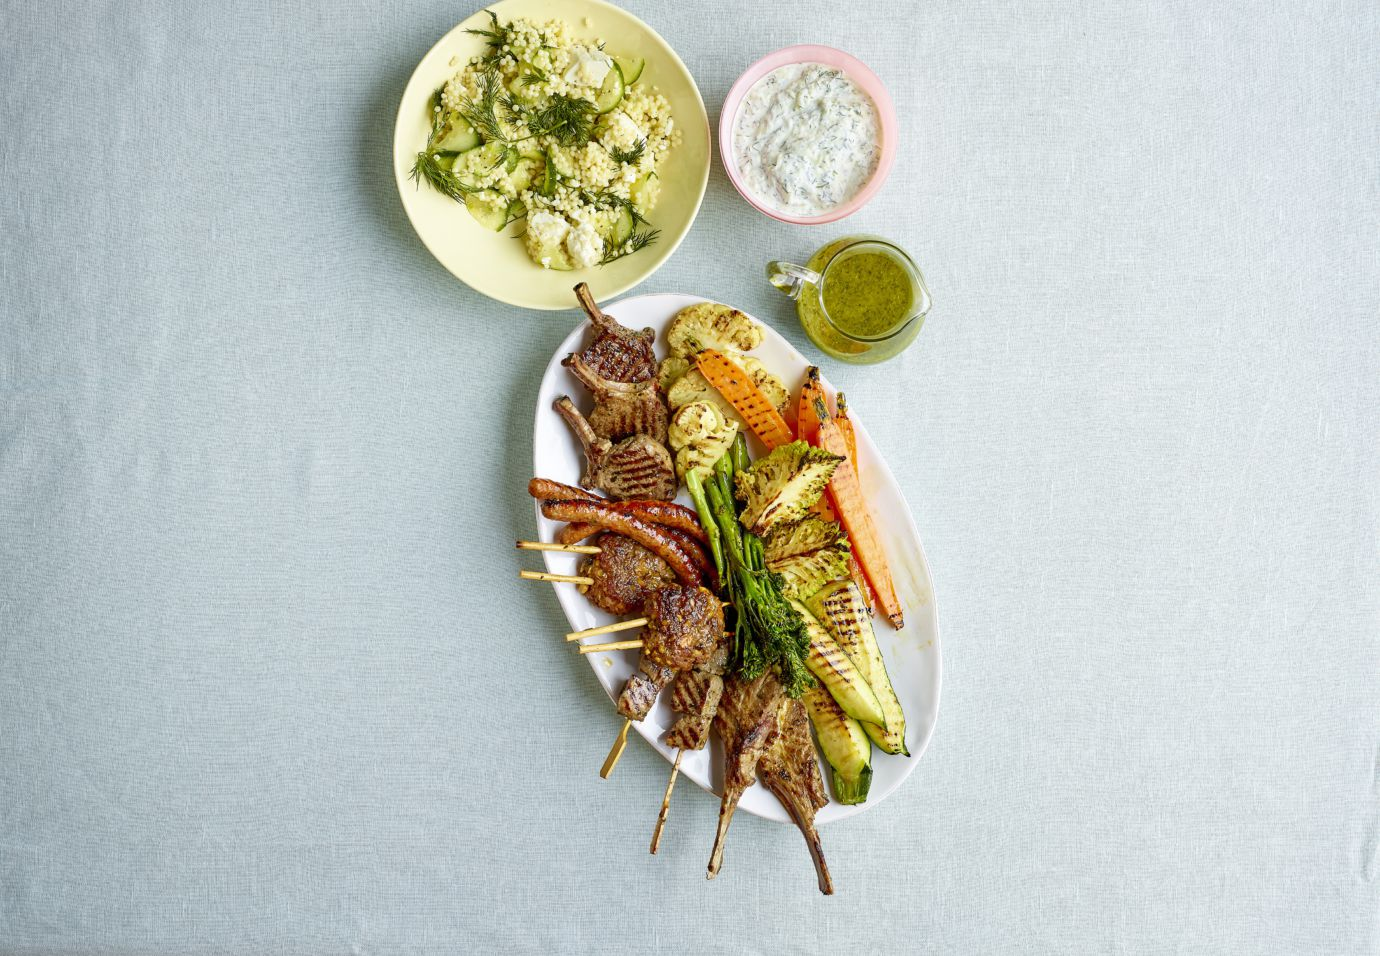 Sofie Dumont Mixed grill van lam met fijne groentjes